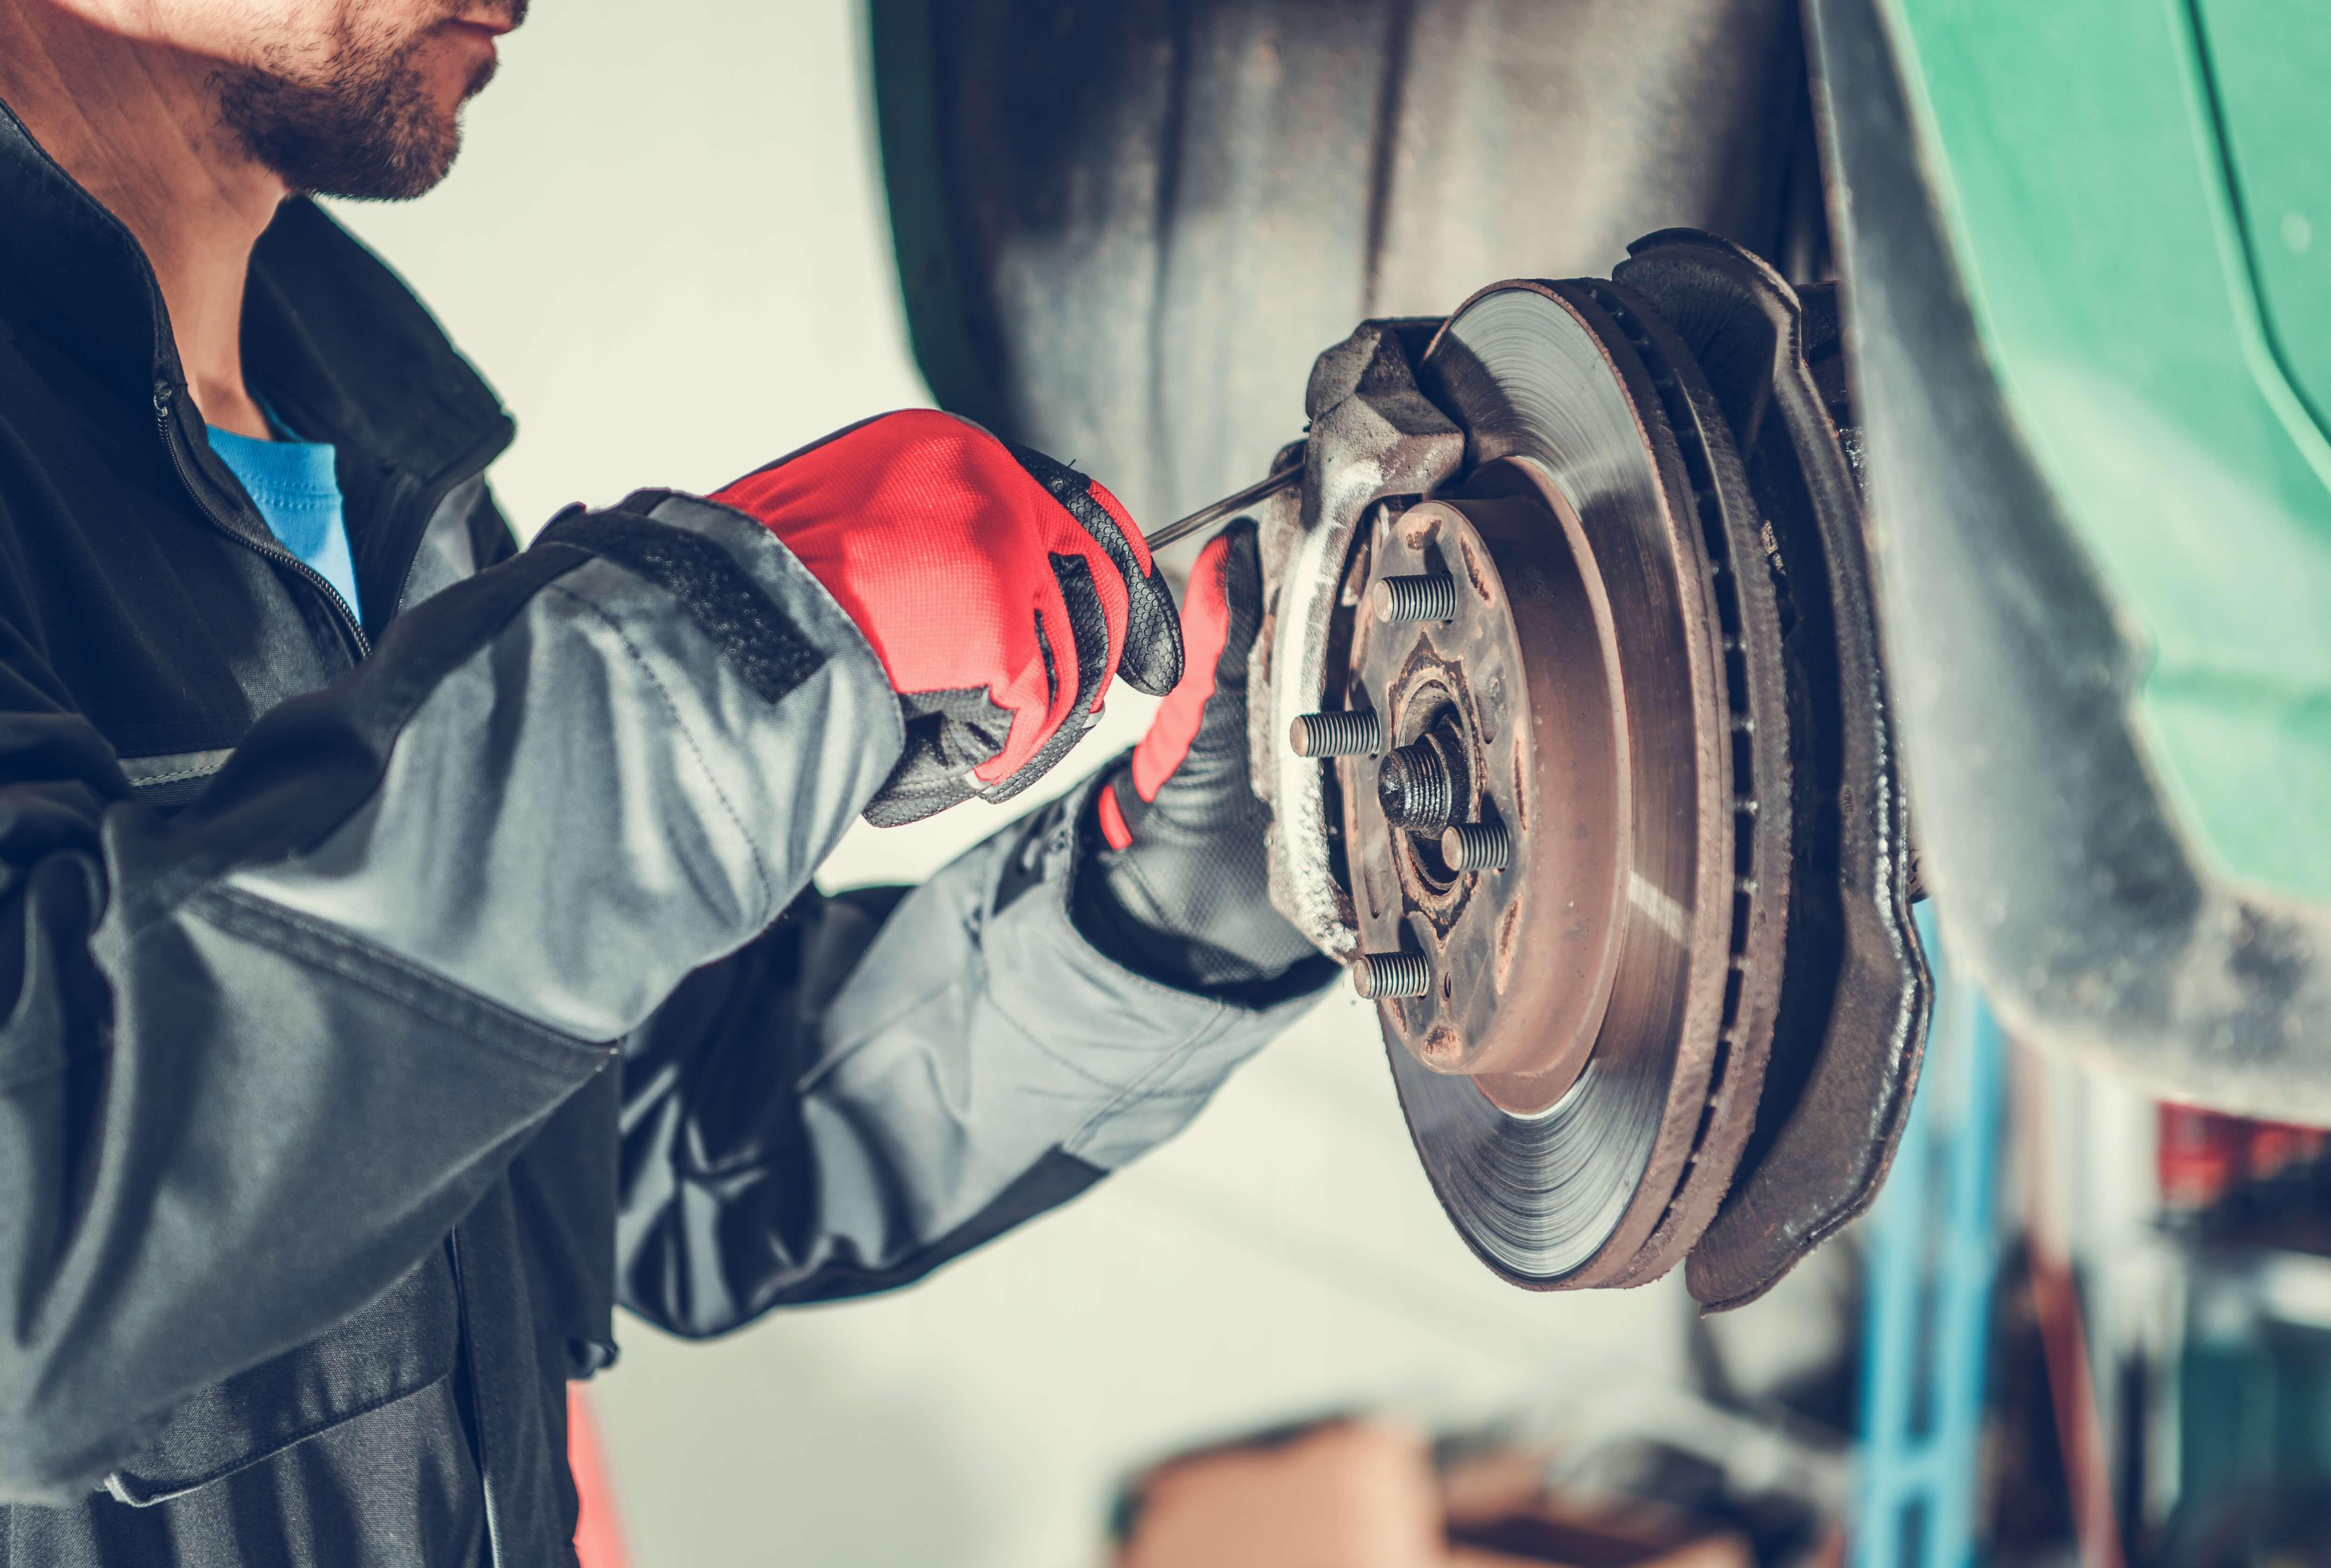 Brake System Service and Repair